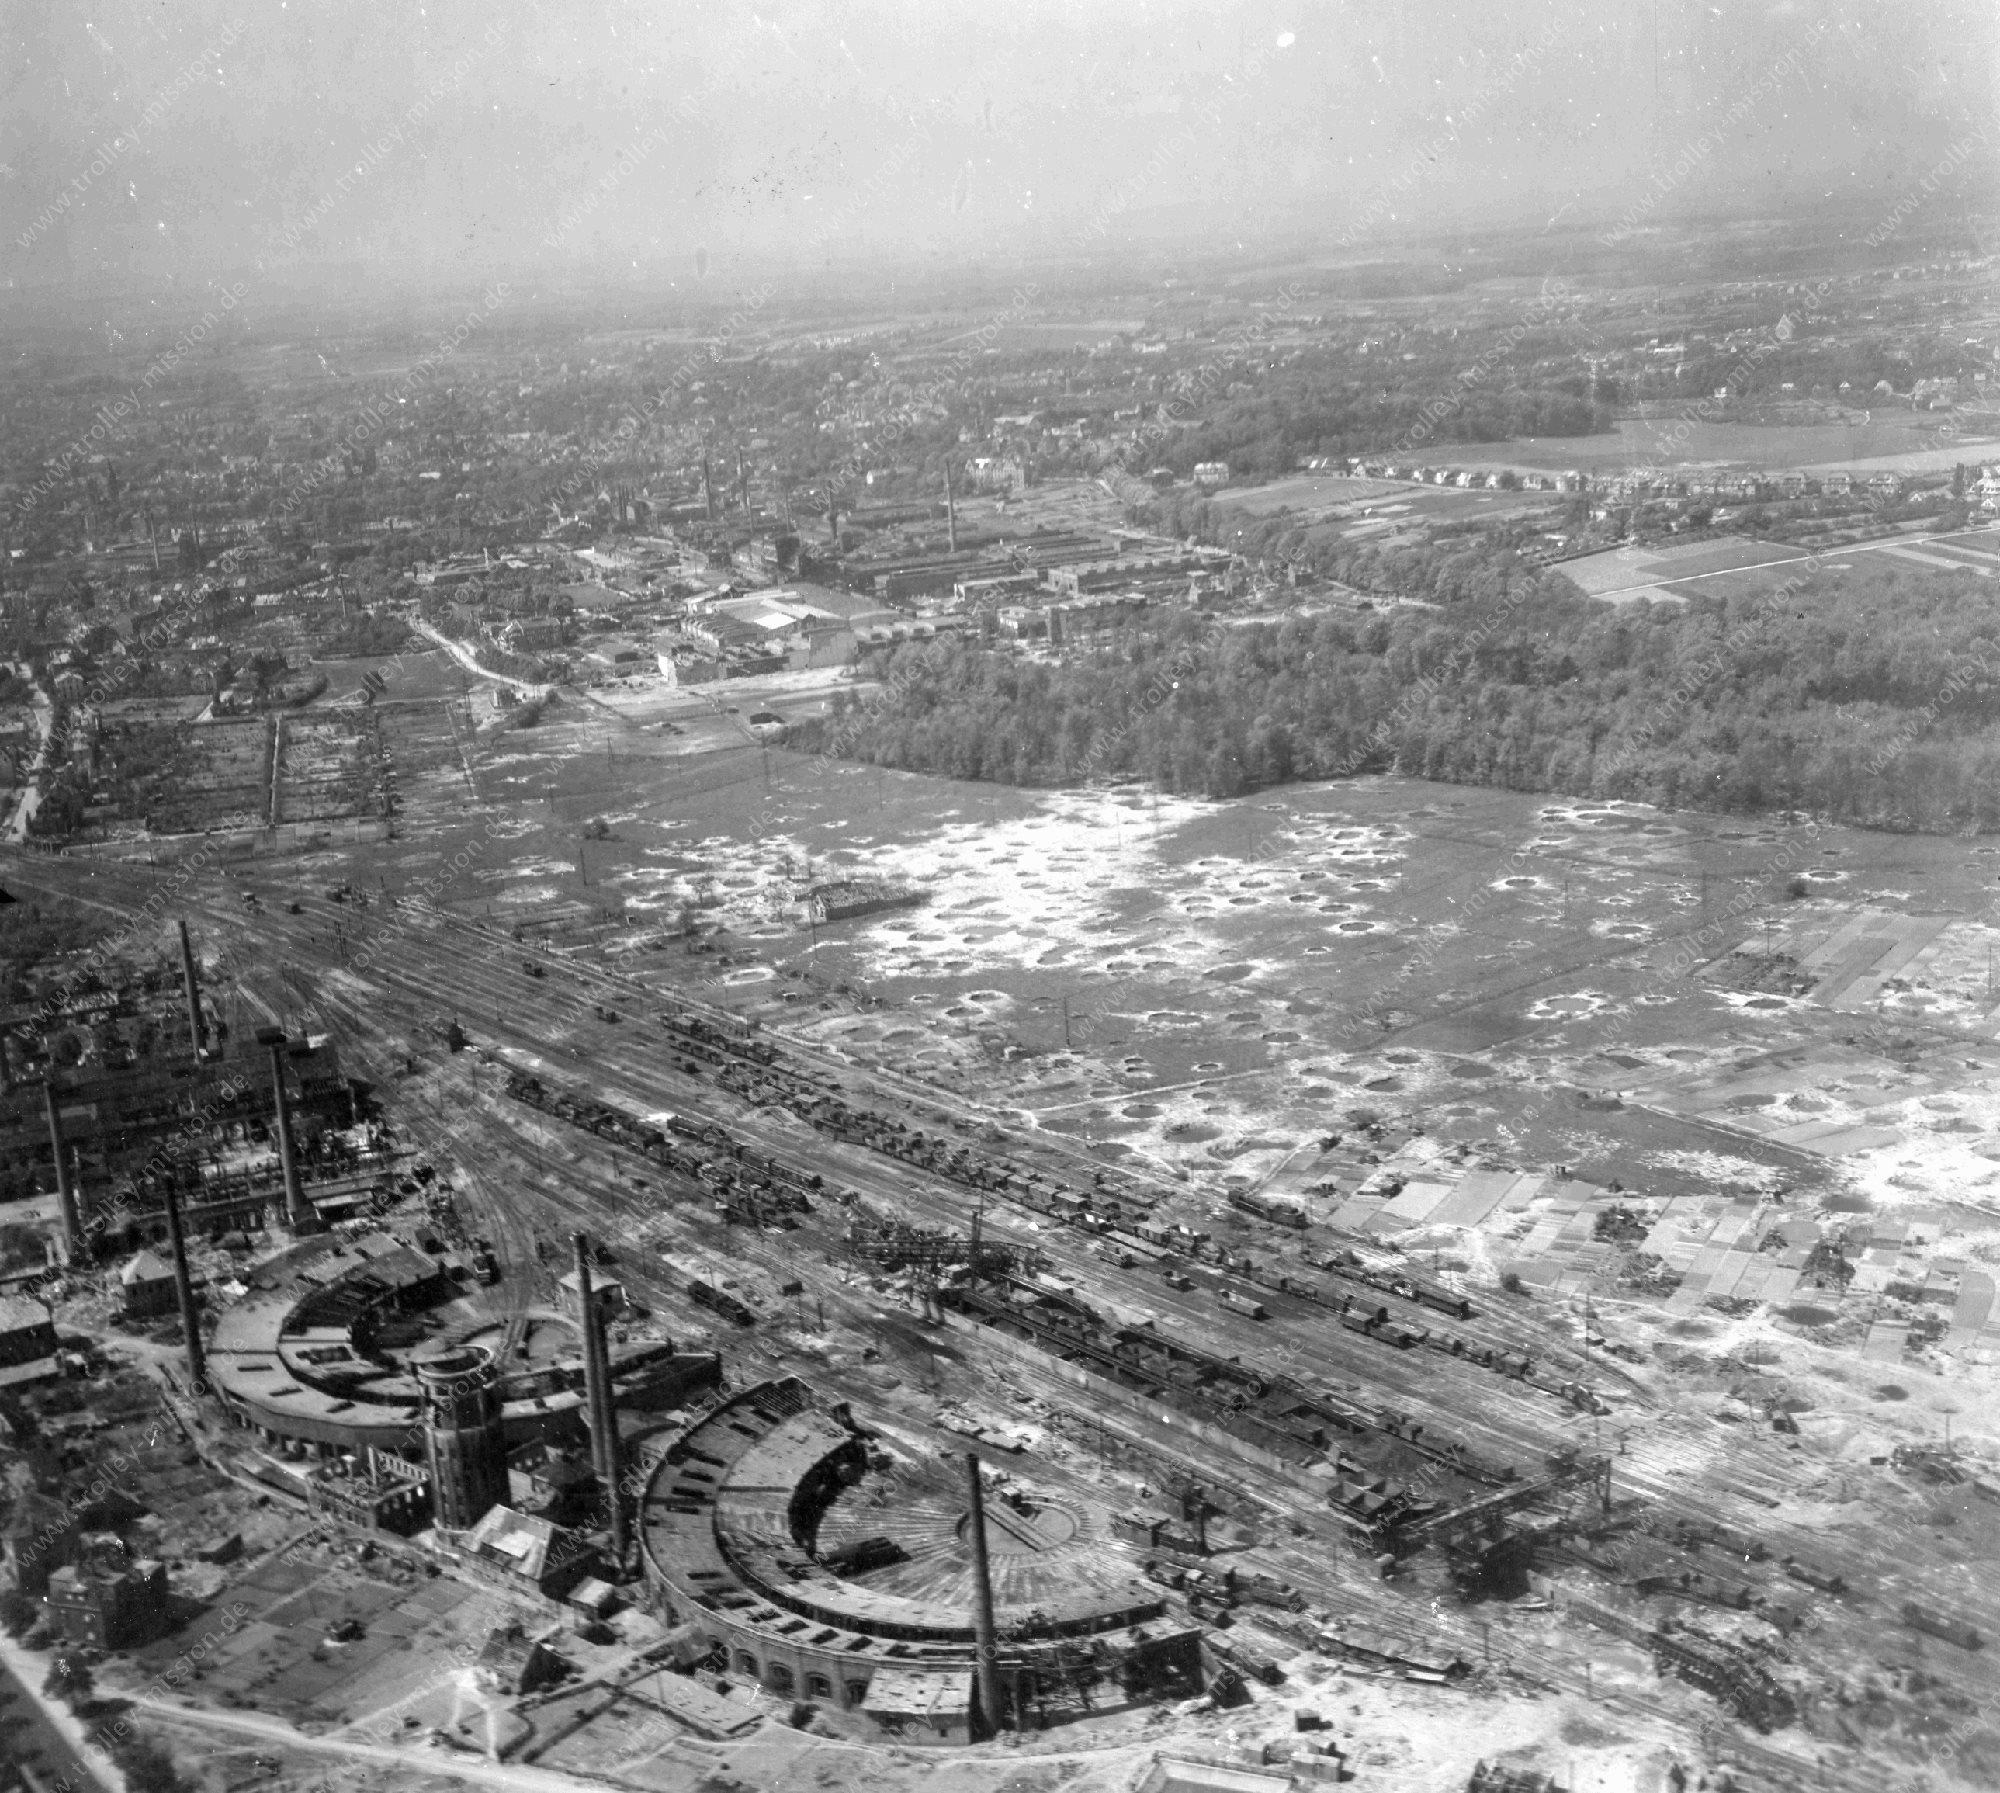 Luftbild vom Vorbahnhof bzw. Betriebswerk Osnabrück mit zwei Ringlokschuppen